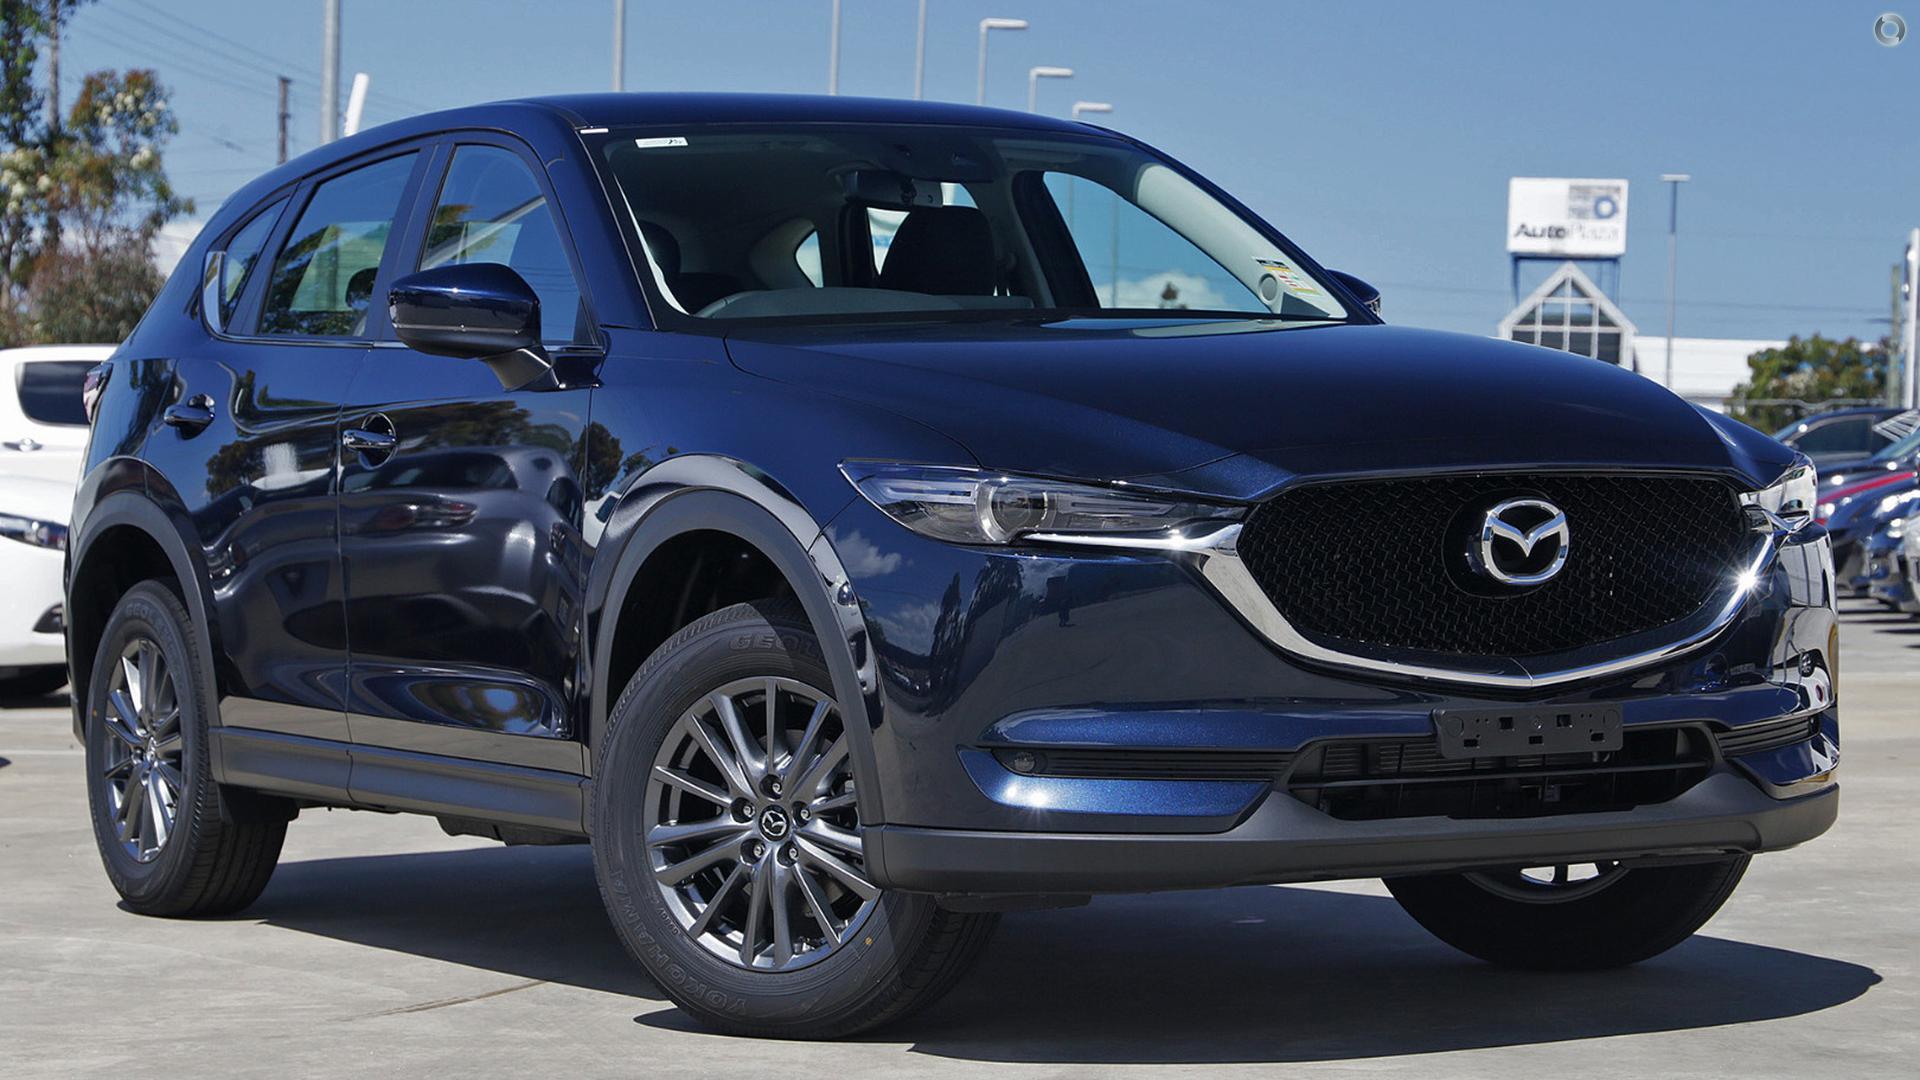 2017 Mazda Cx-5 Maxx Sport